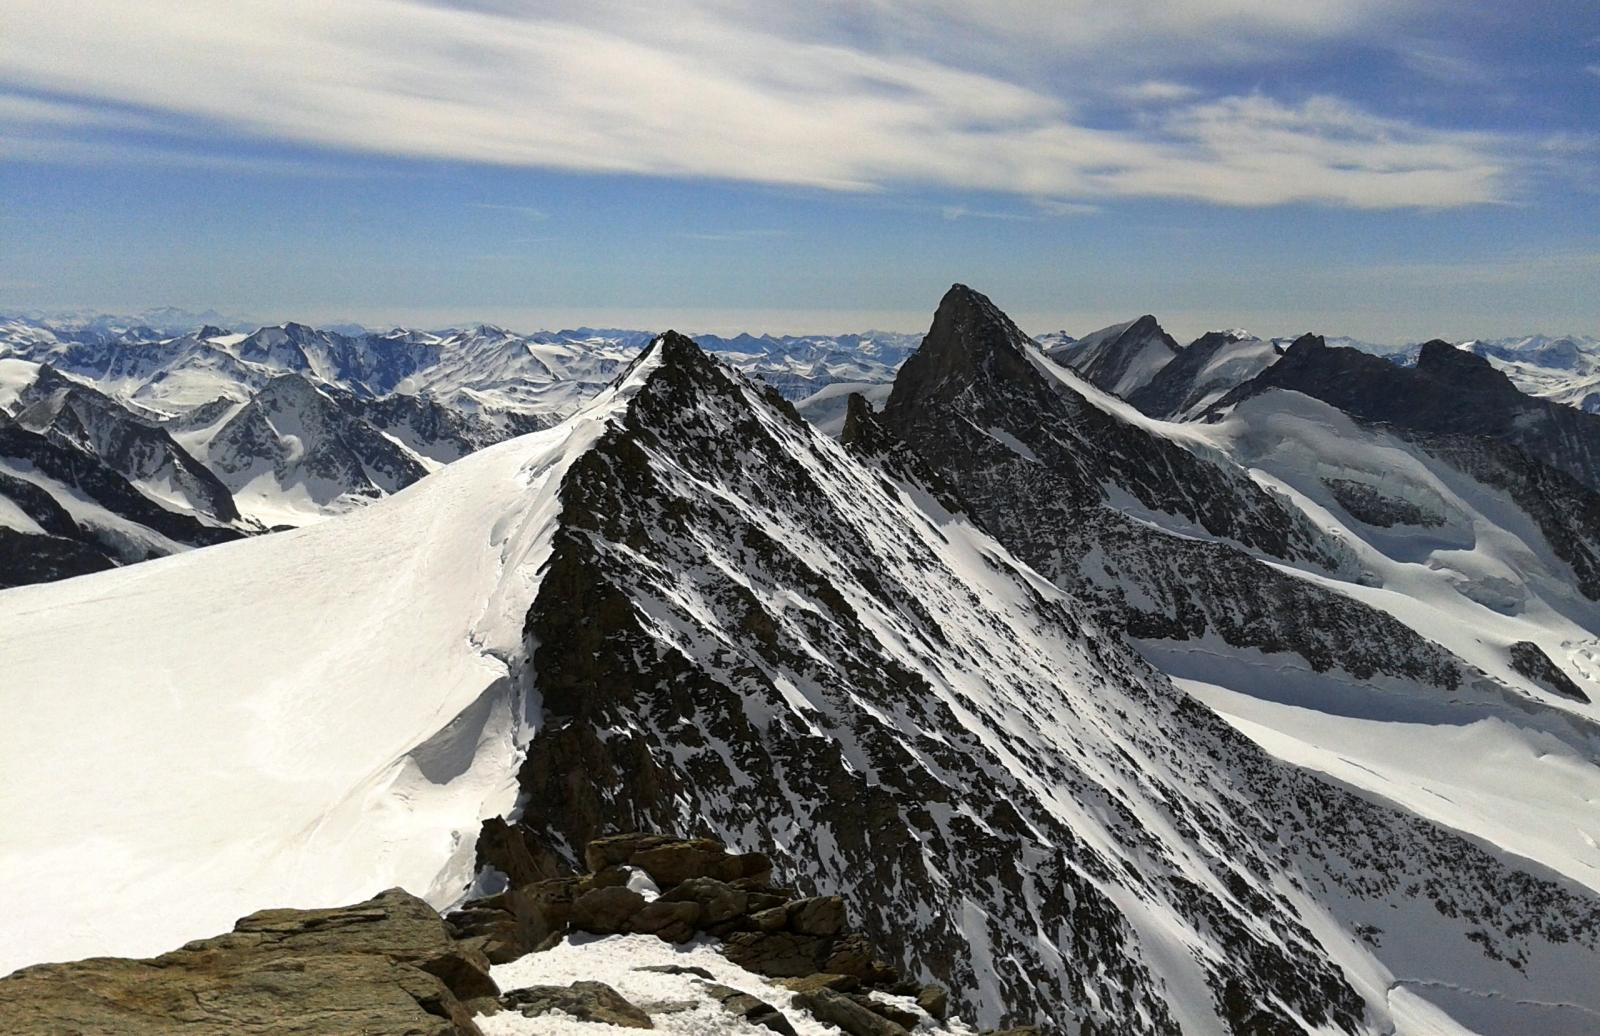 L'Hinteres visto dalla cima del Grosses con il versante di salita a sinistra